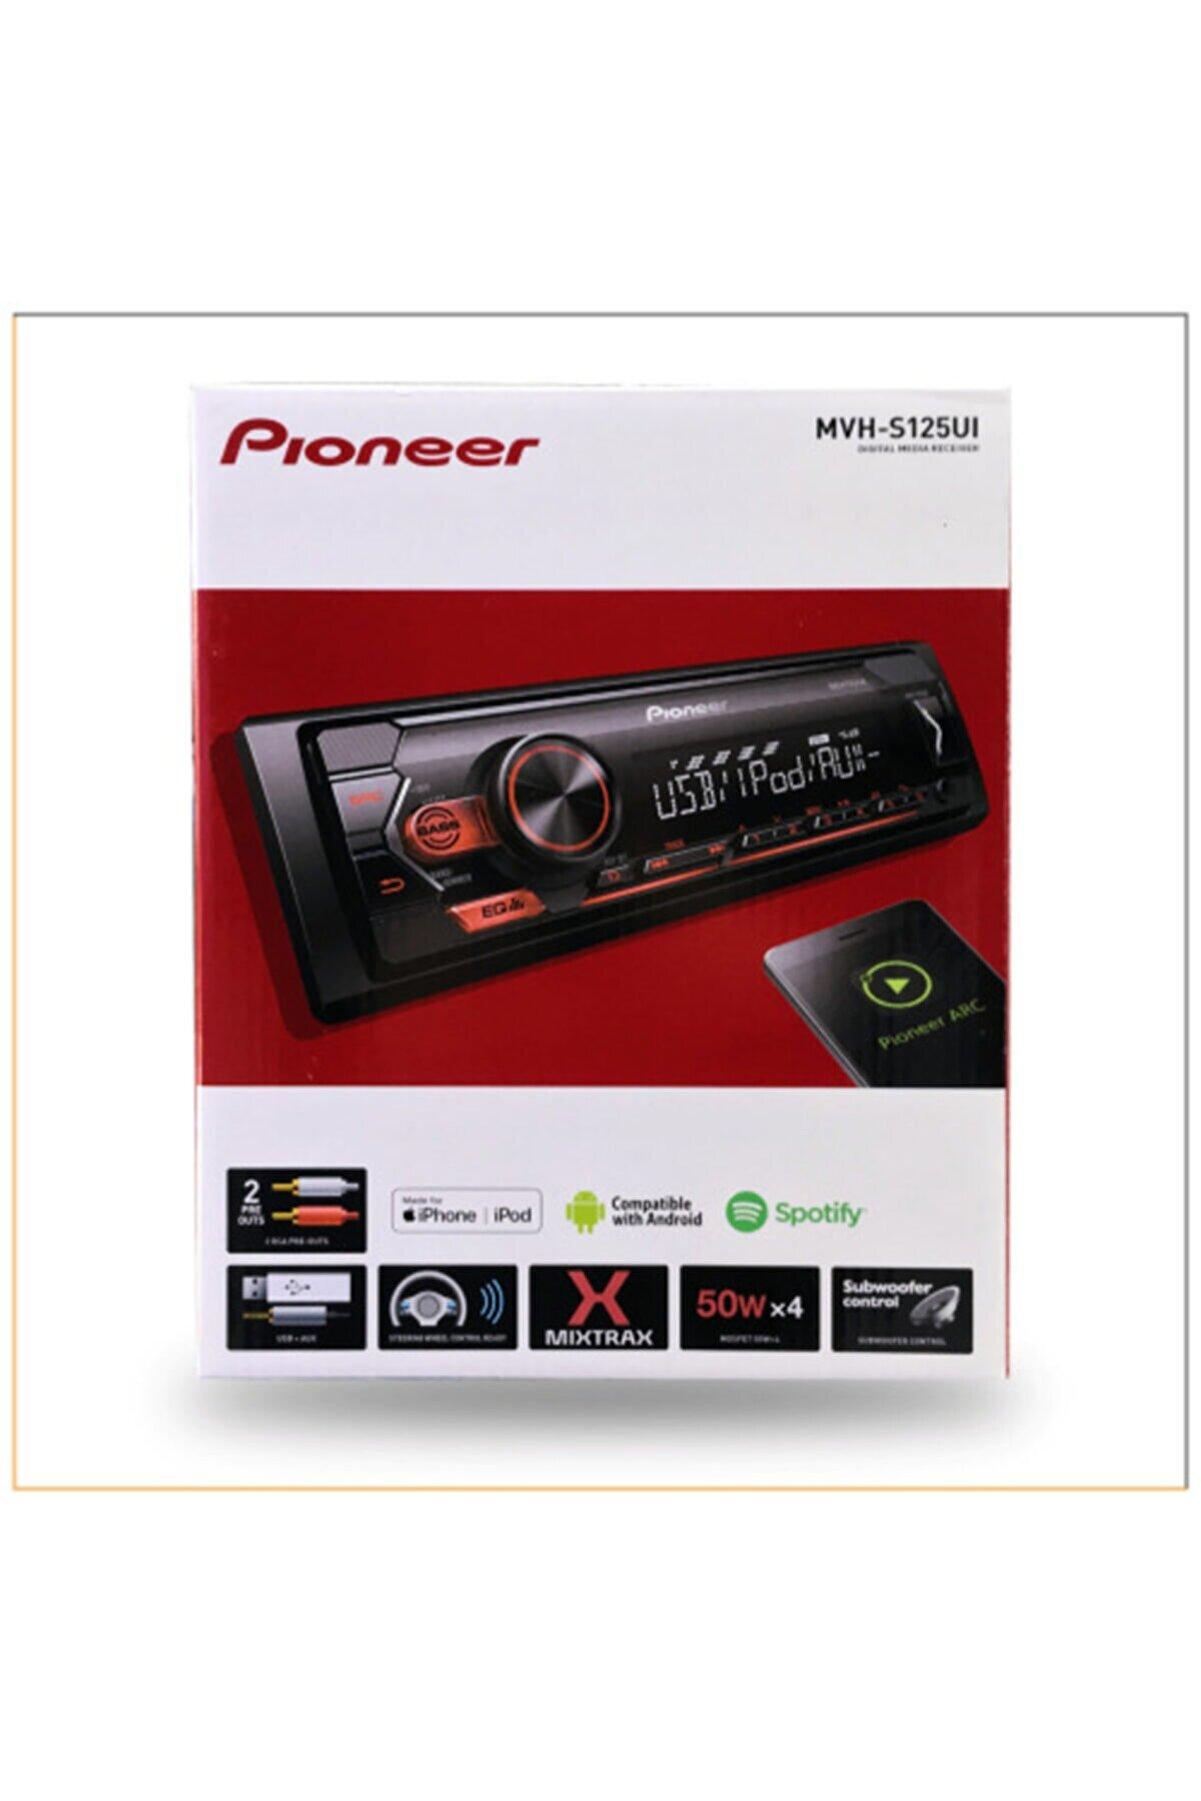 Pioneer Mvh-s125uı Oto Teyp Usb Radio Aux Girişli 2020 Model